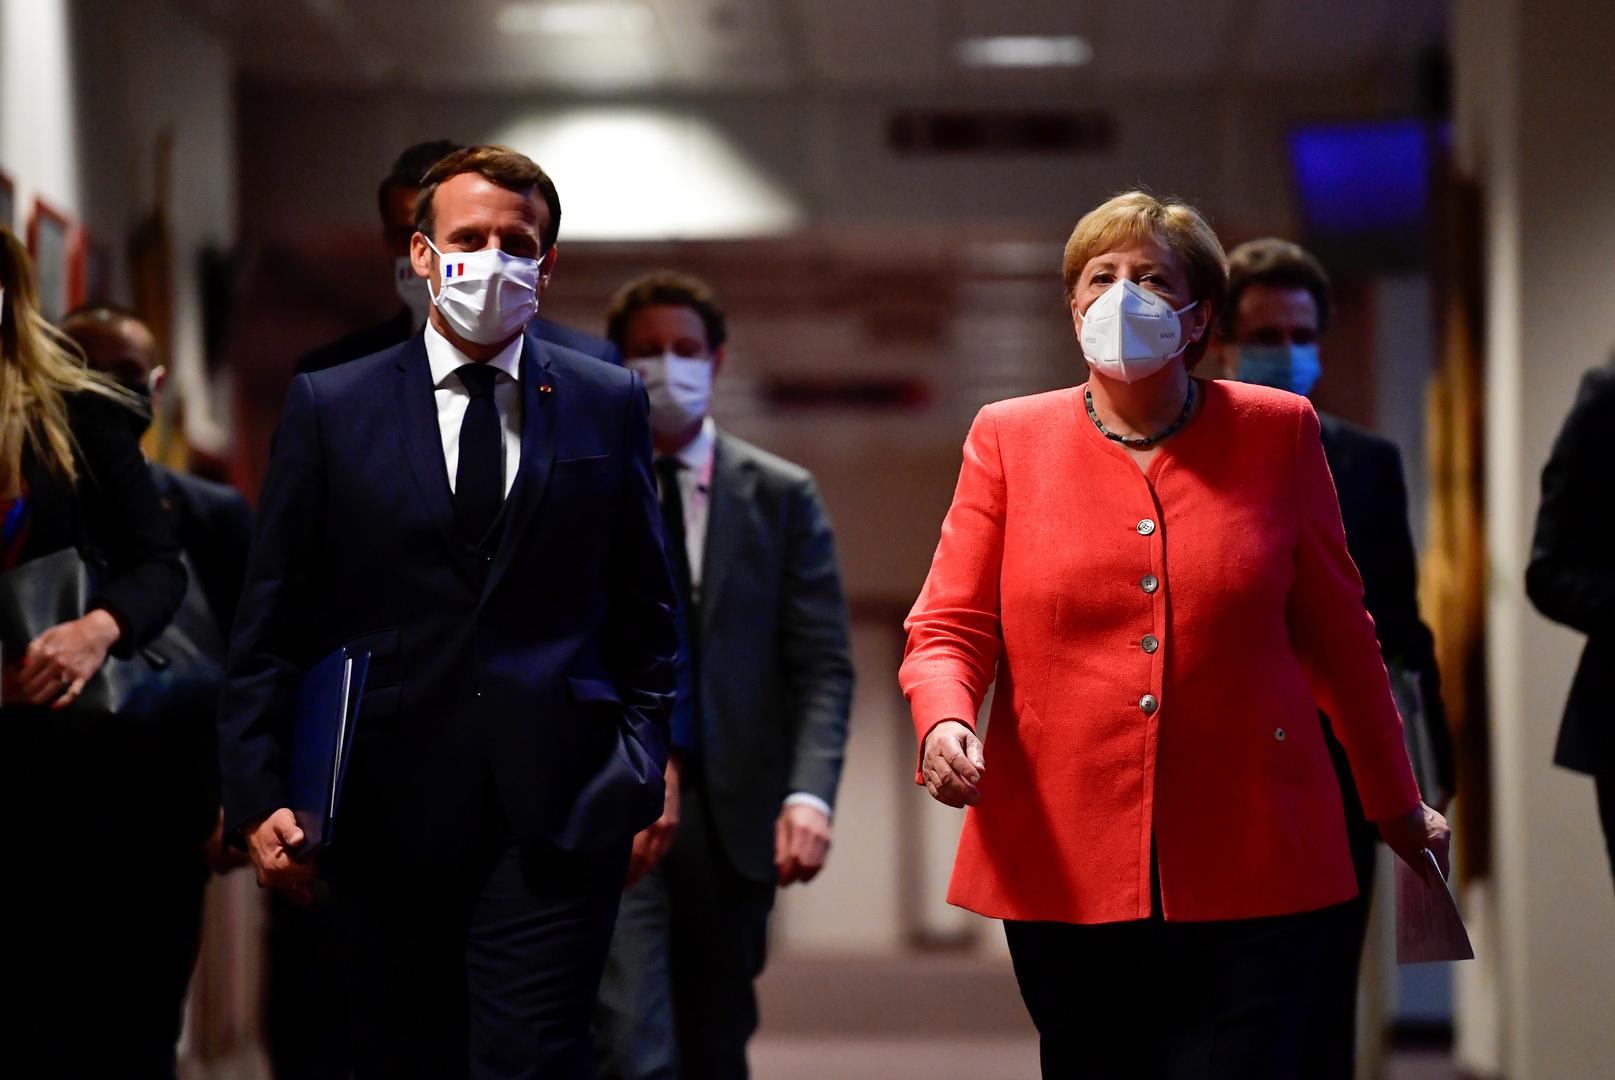 الأوروبيون اتفقوا من منهم سيدفع على الوباء وكم